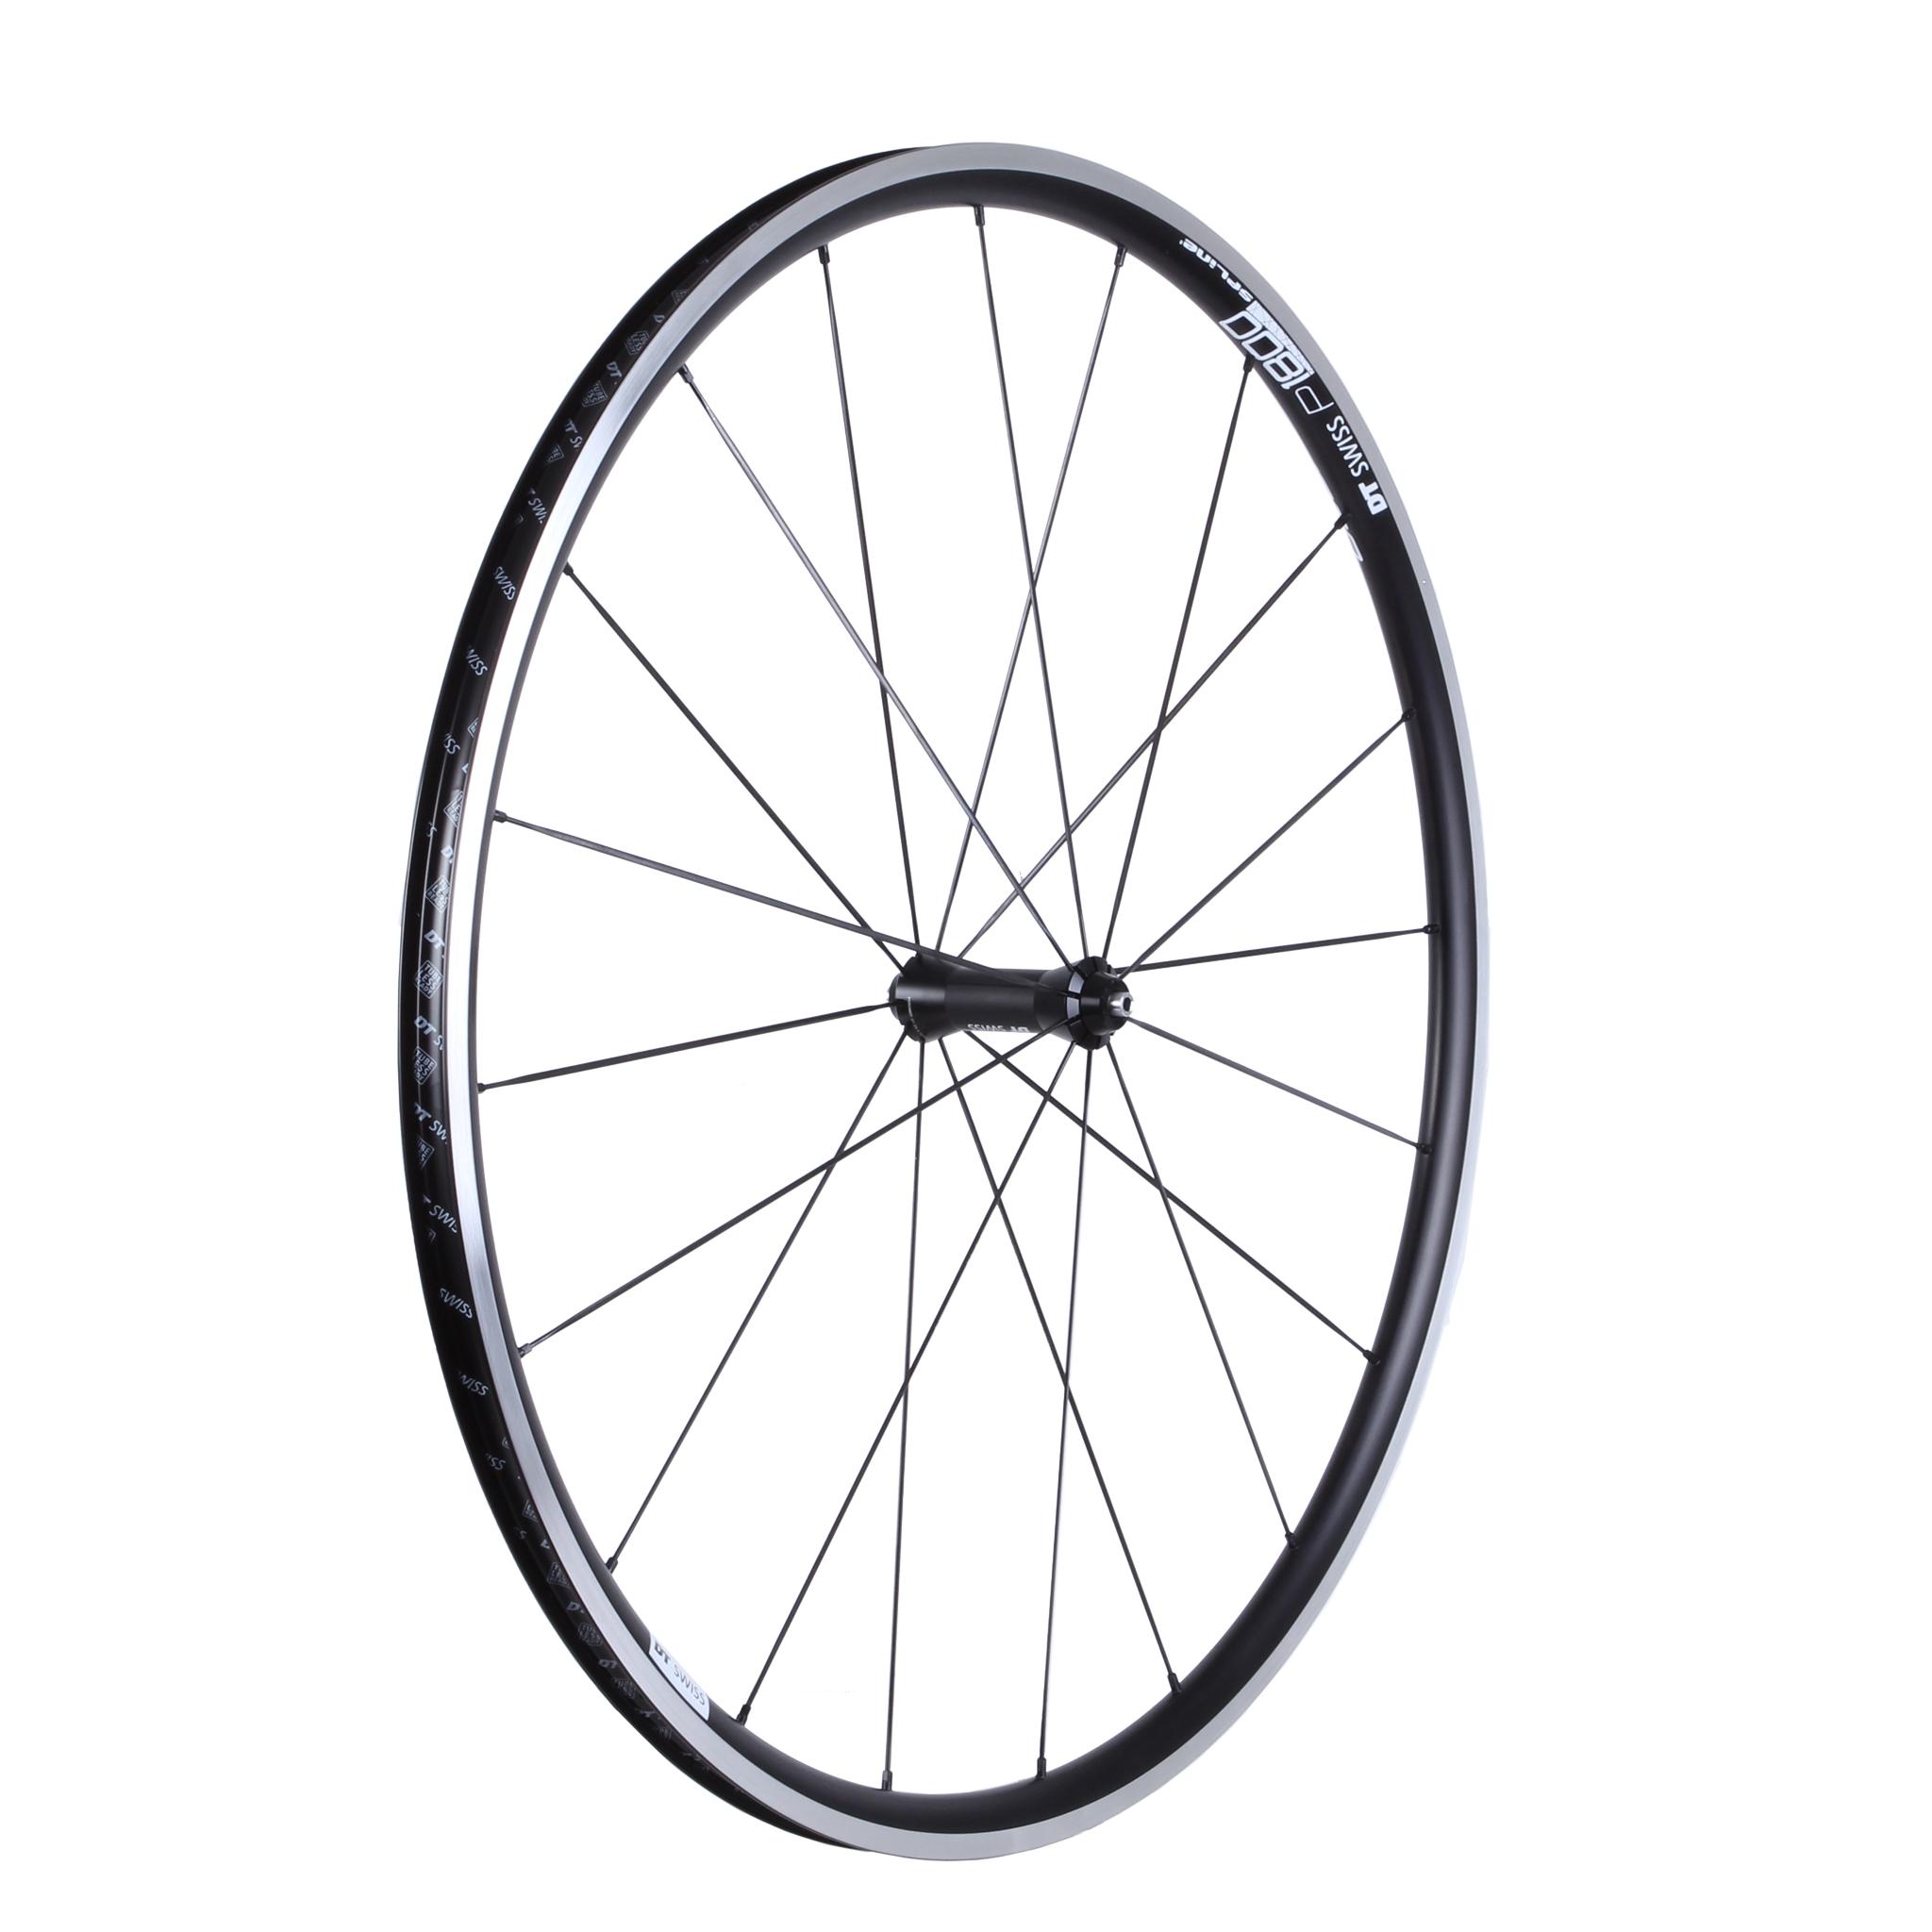 P 1800 Spline 23, 700c, Front Wheel,  20h